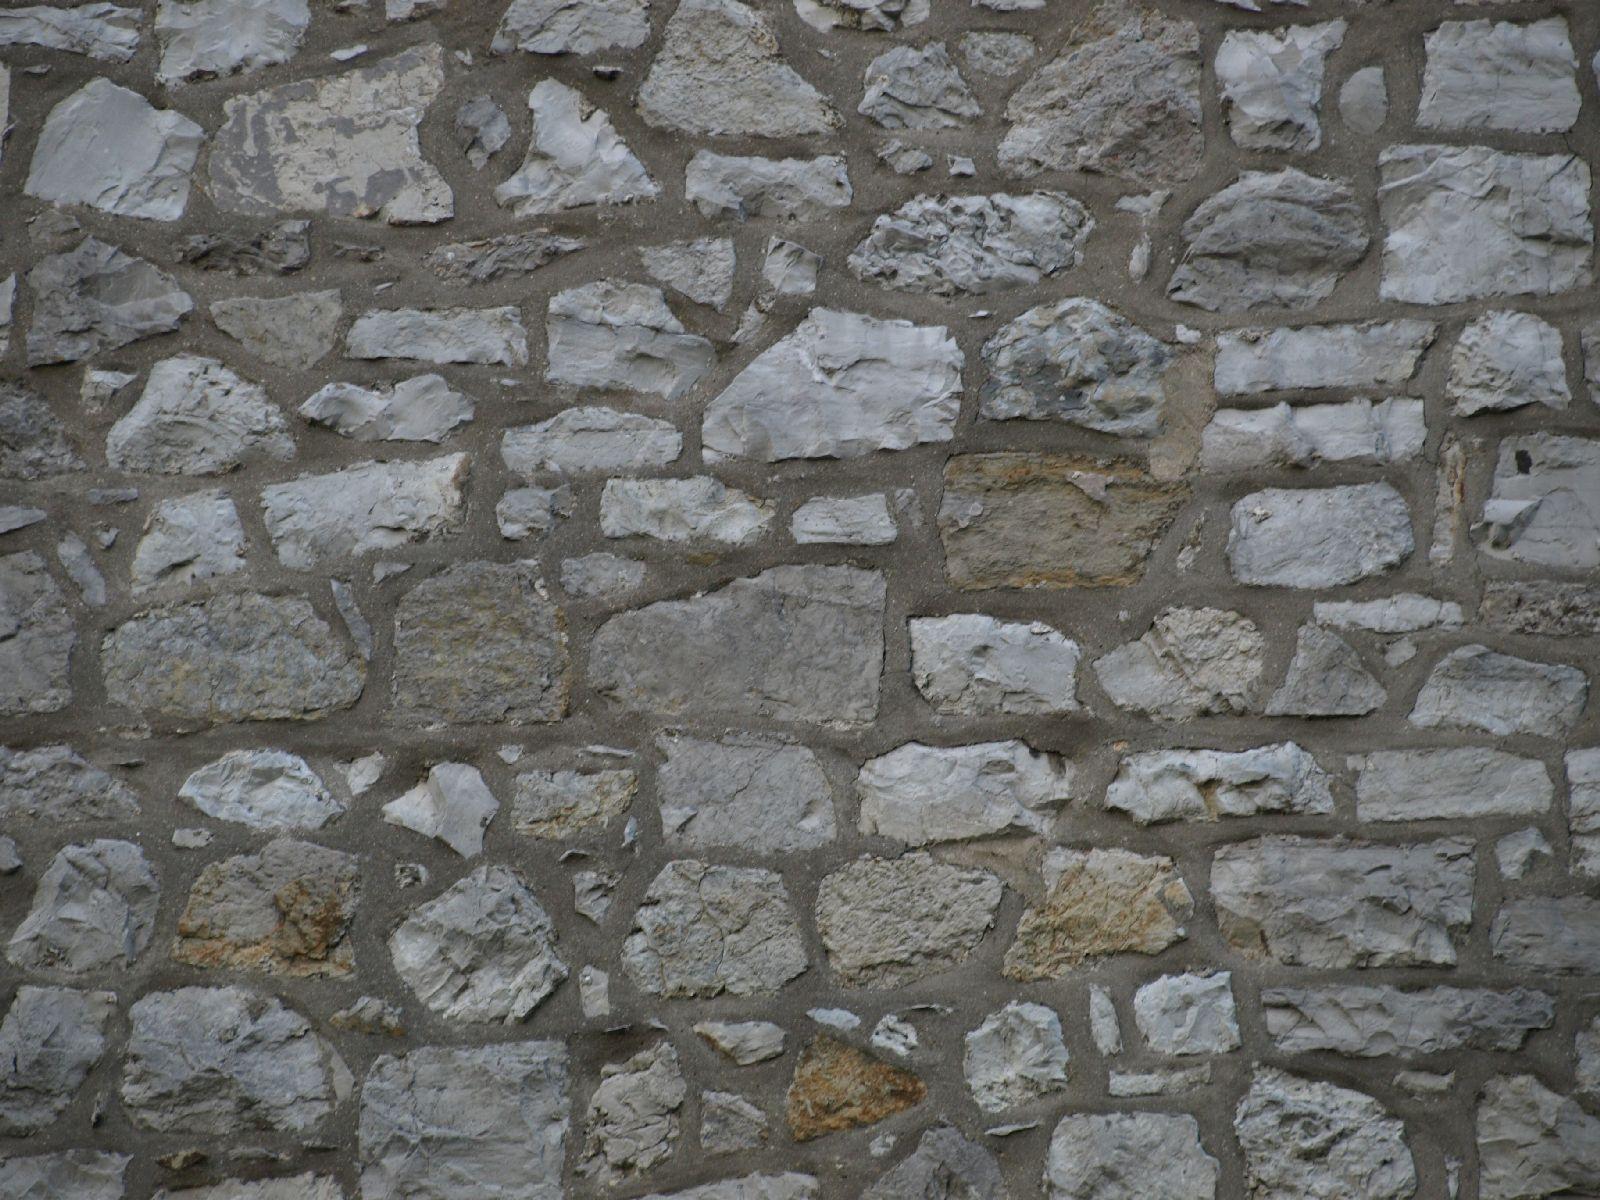 Brick_Texture_A_P6167822